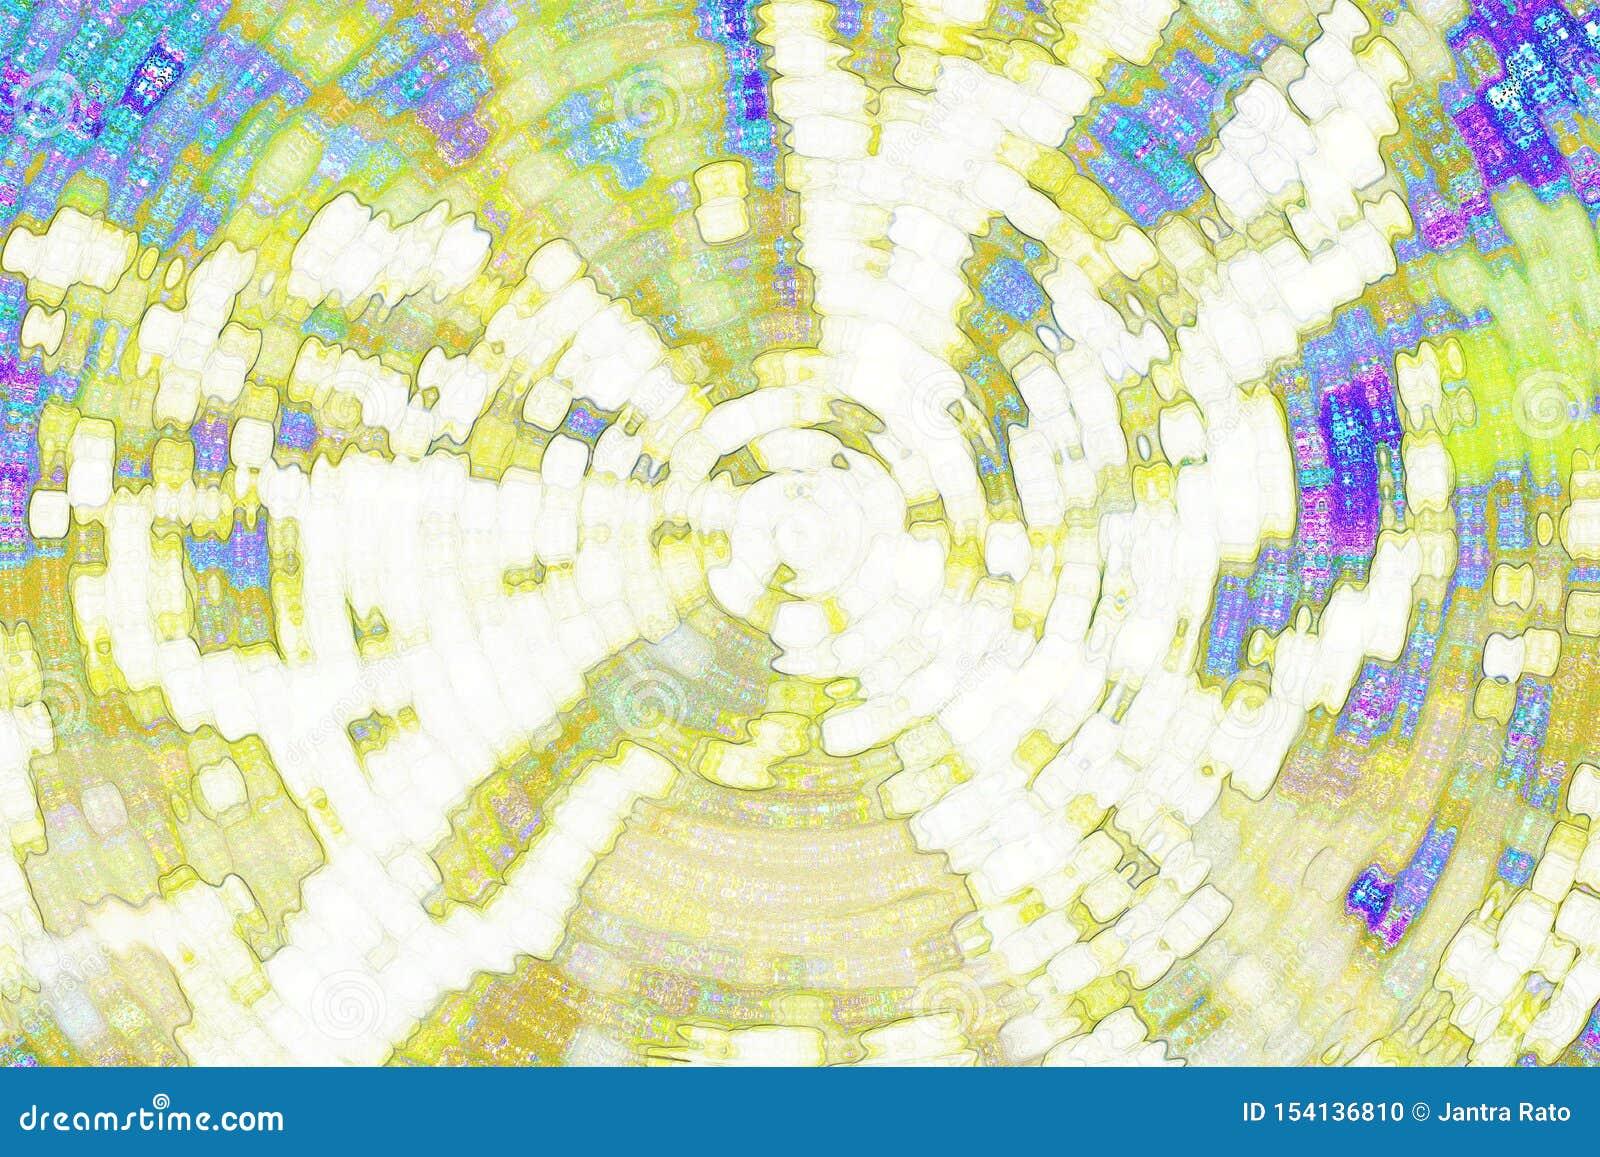 Fondo abstracto, amarillo abstracto y fondo azul